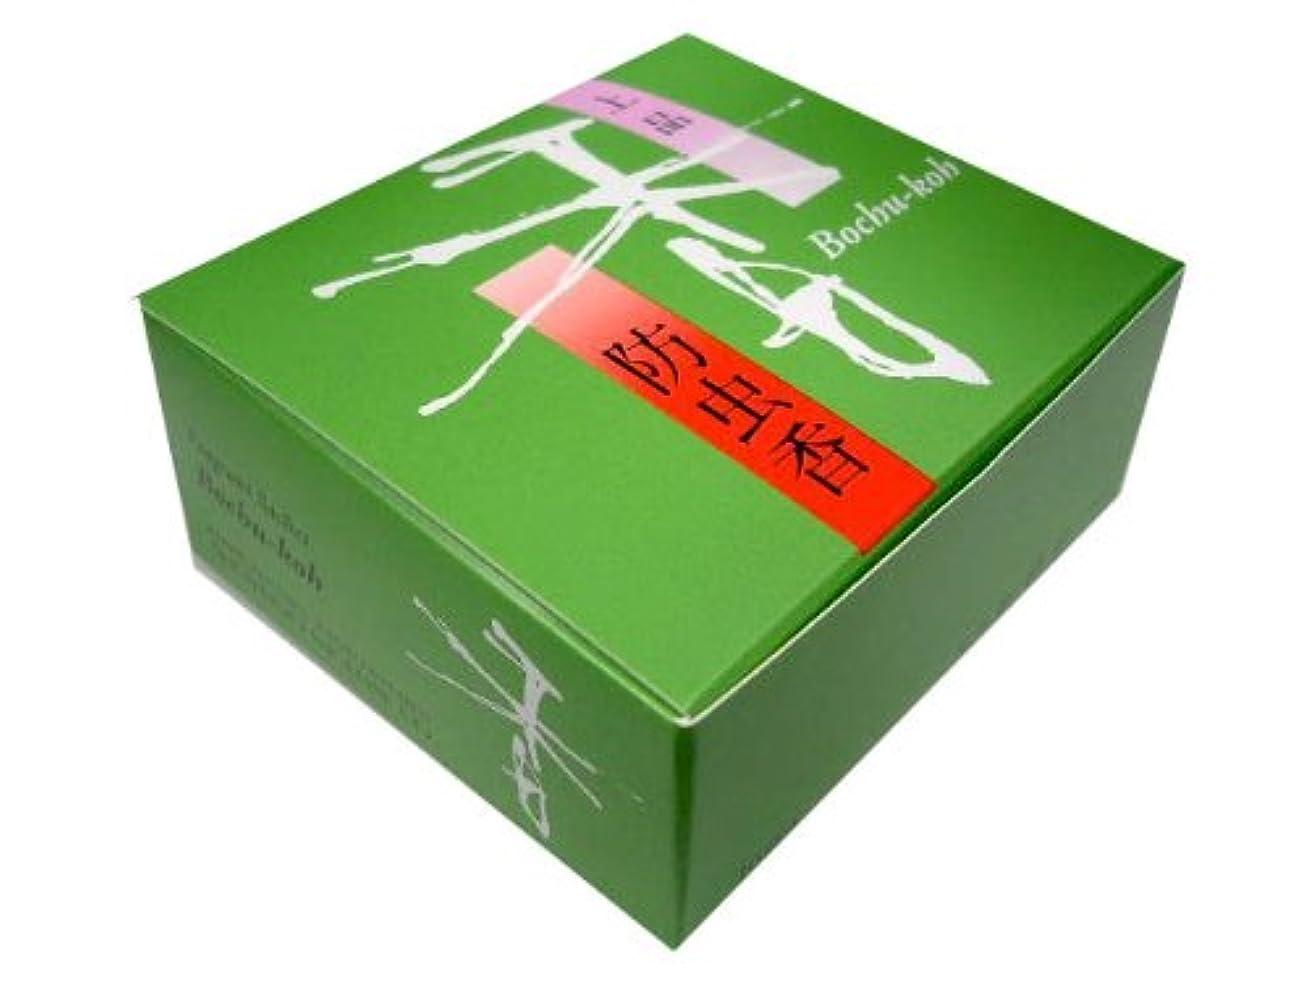 ほとんどない先例パン屋松栄堂の防虫香 上品 防虫香 10袋入 #520138